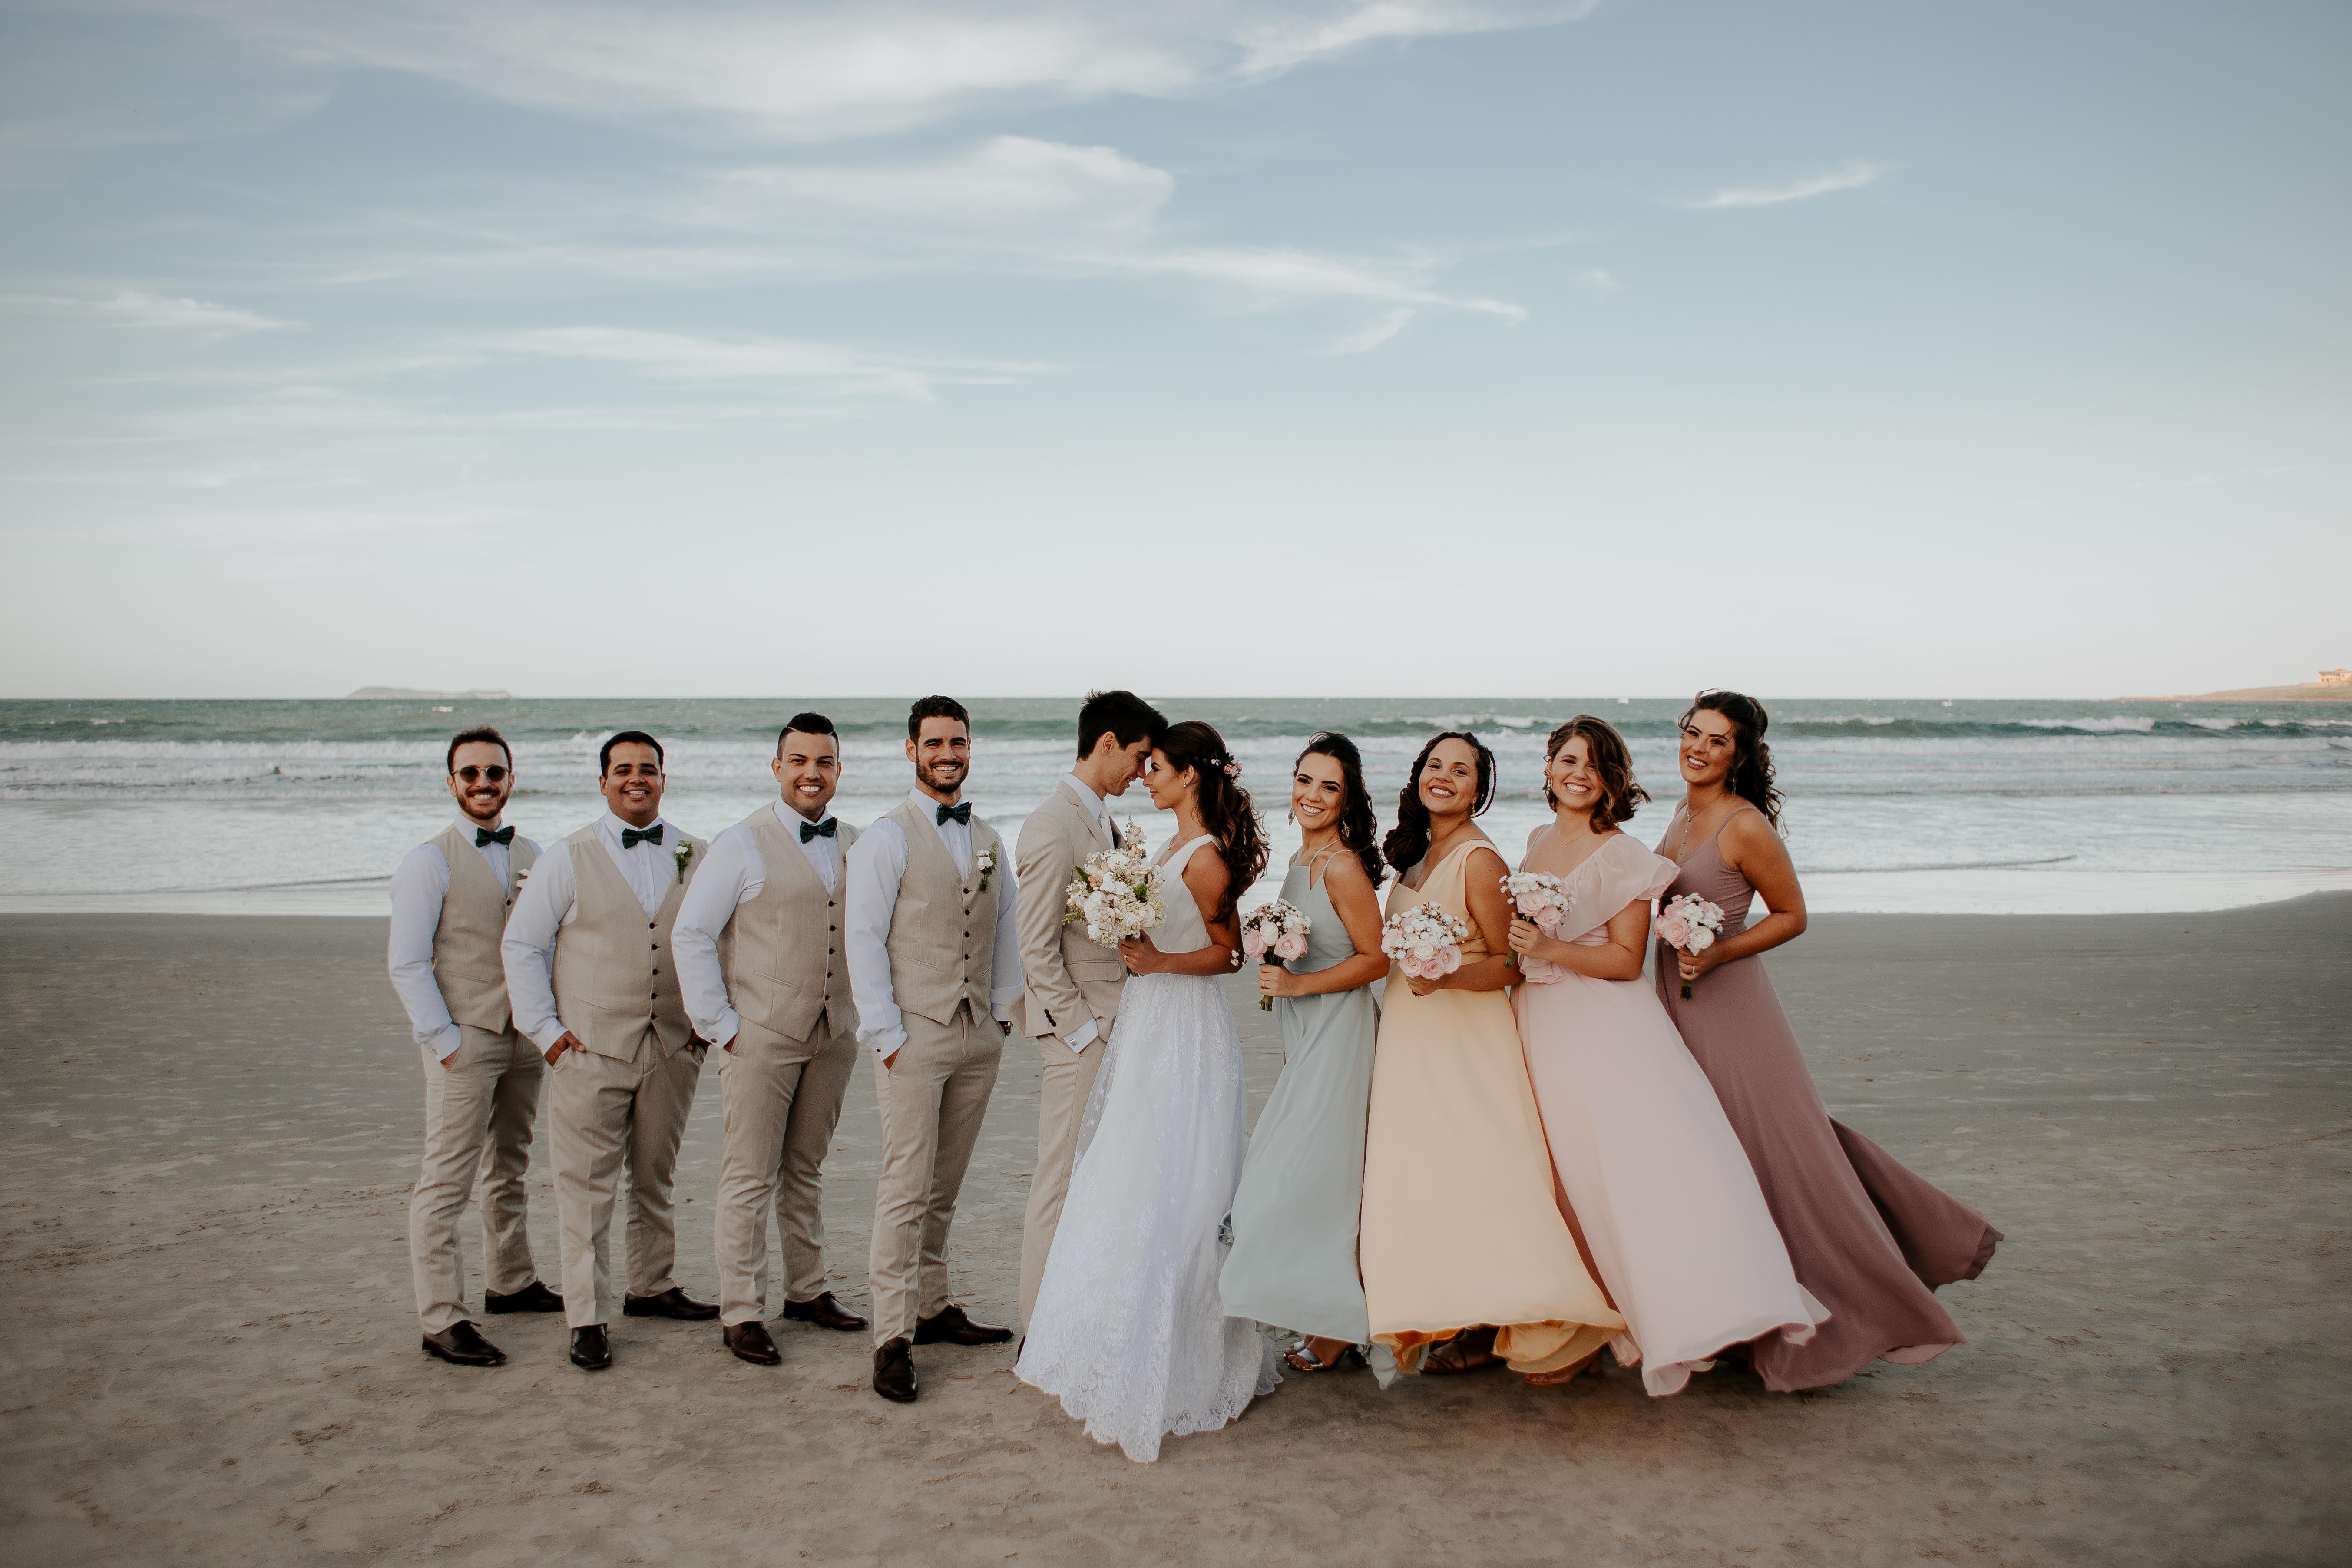 Contate Dhiego Silveira | Fotografo de Casamento Florianopolis, Ensaio Gestante, Ensaio Família